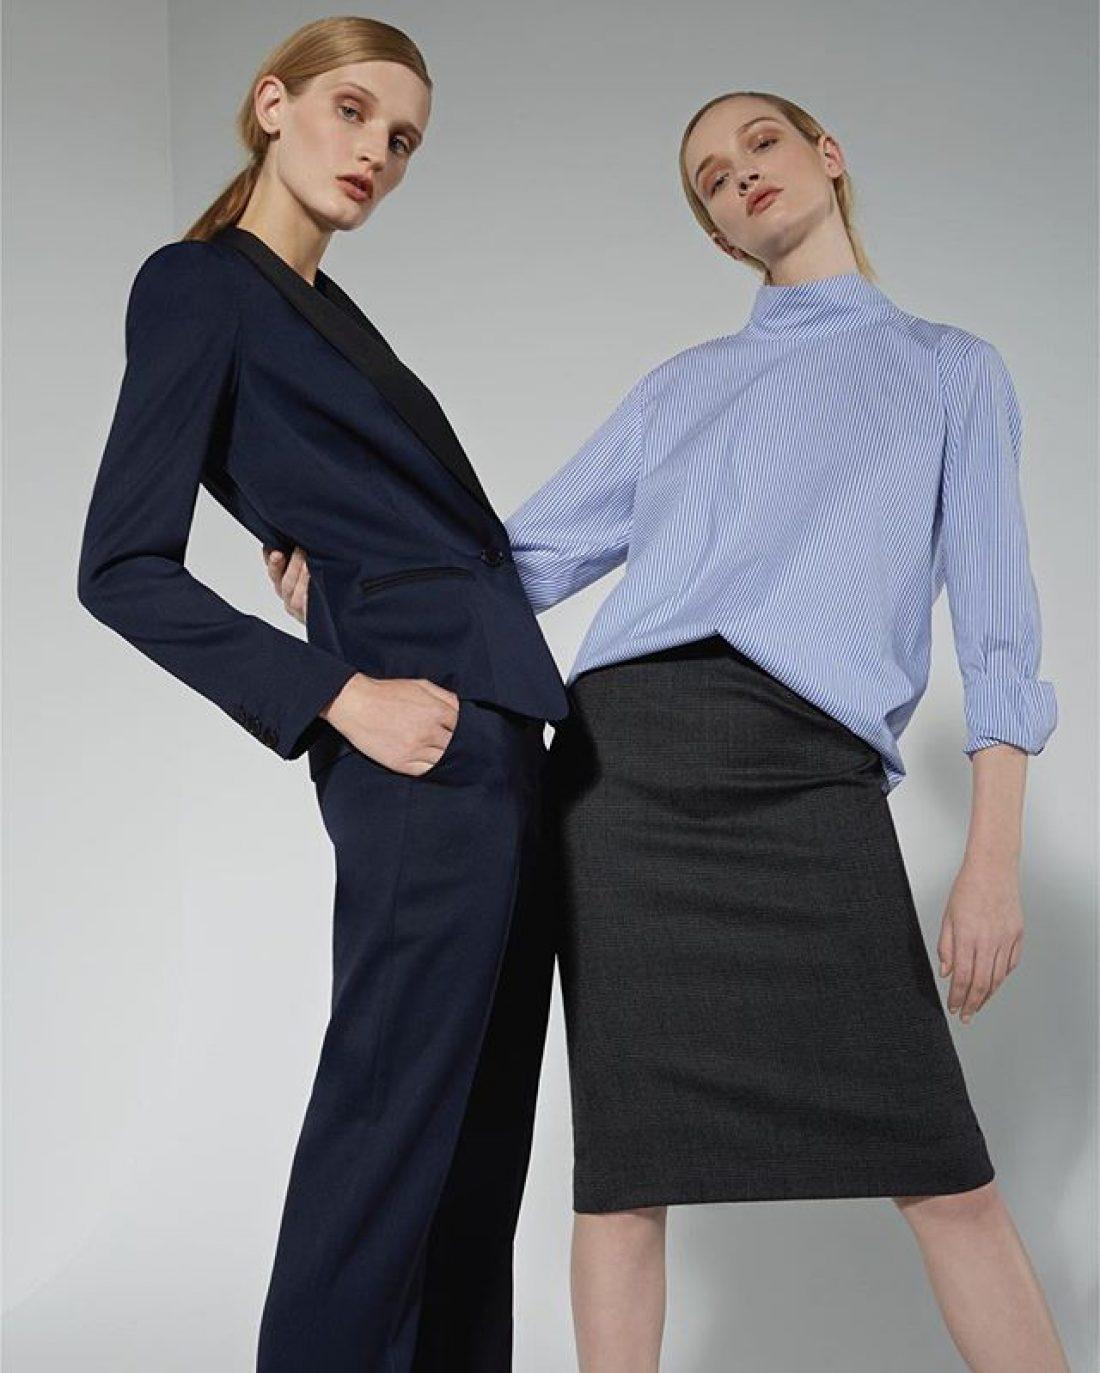 Jade photographed for Workshop SS17 Campaignby Karen Inderbitzen Waller & Delphne Avril Planqueel